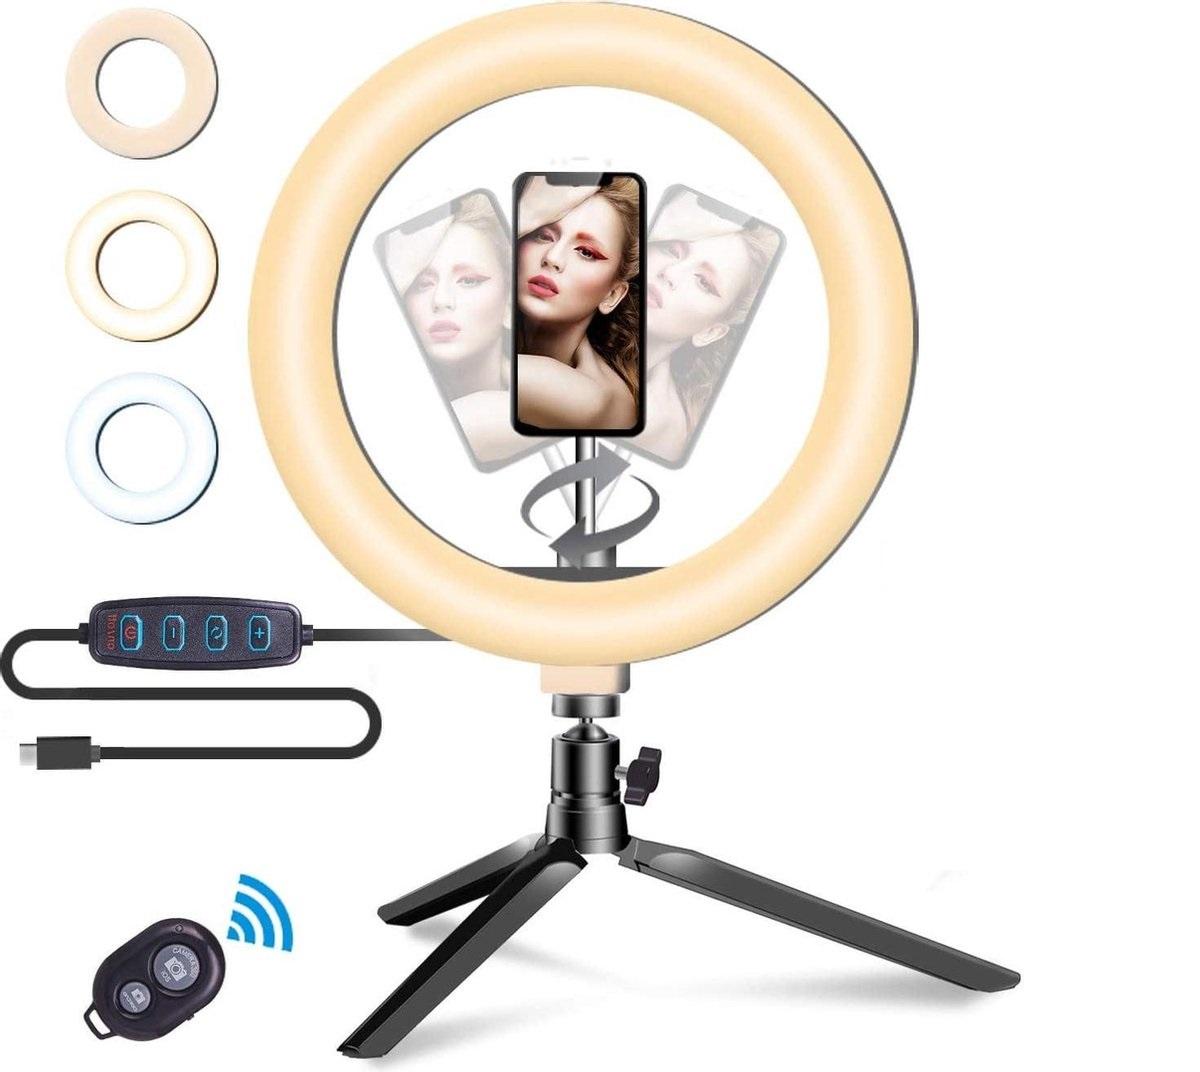 Soundlogic Selfie Ringlicht met Standaard - Statief